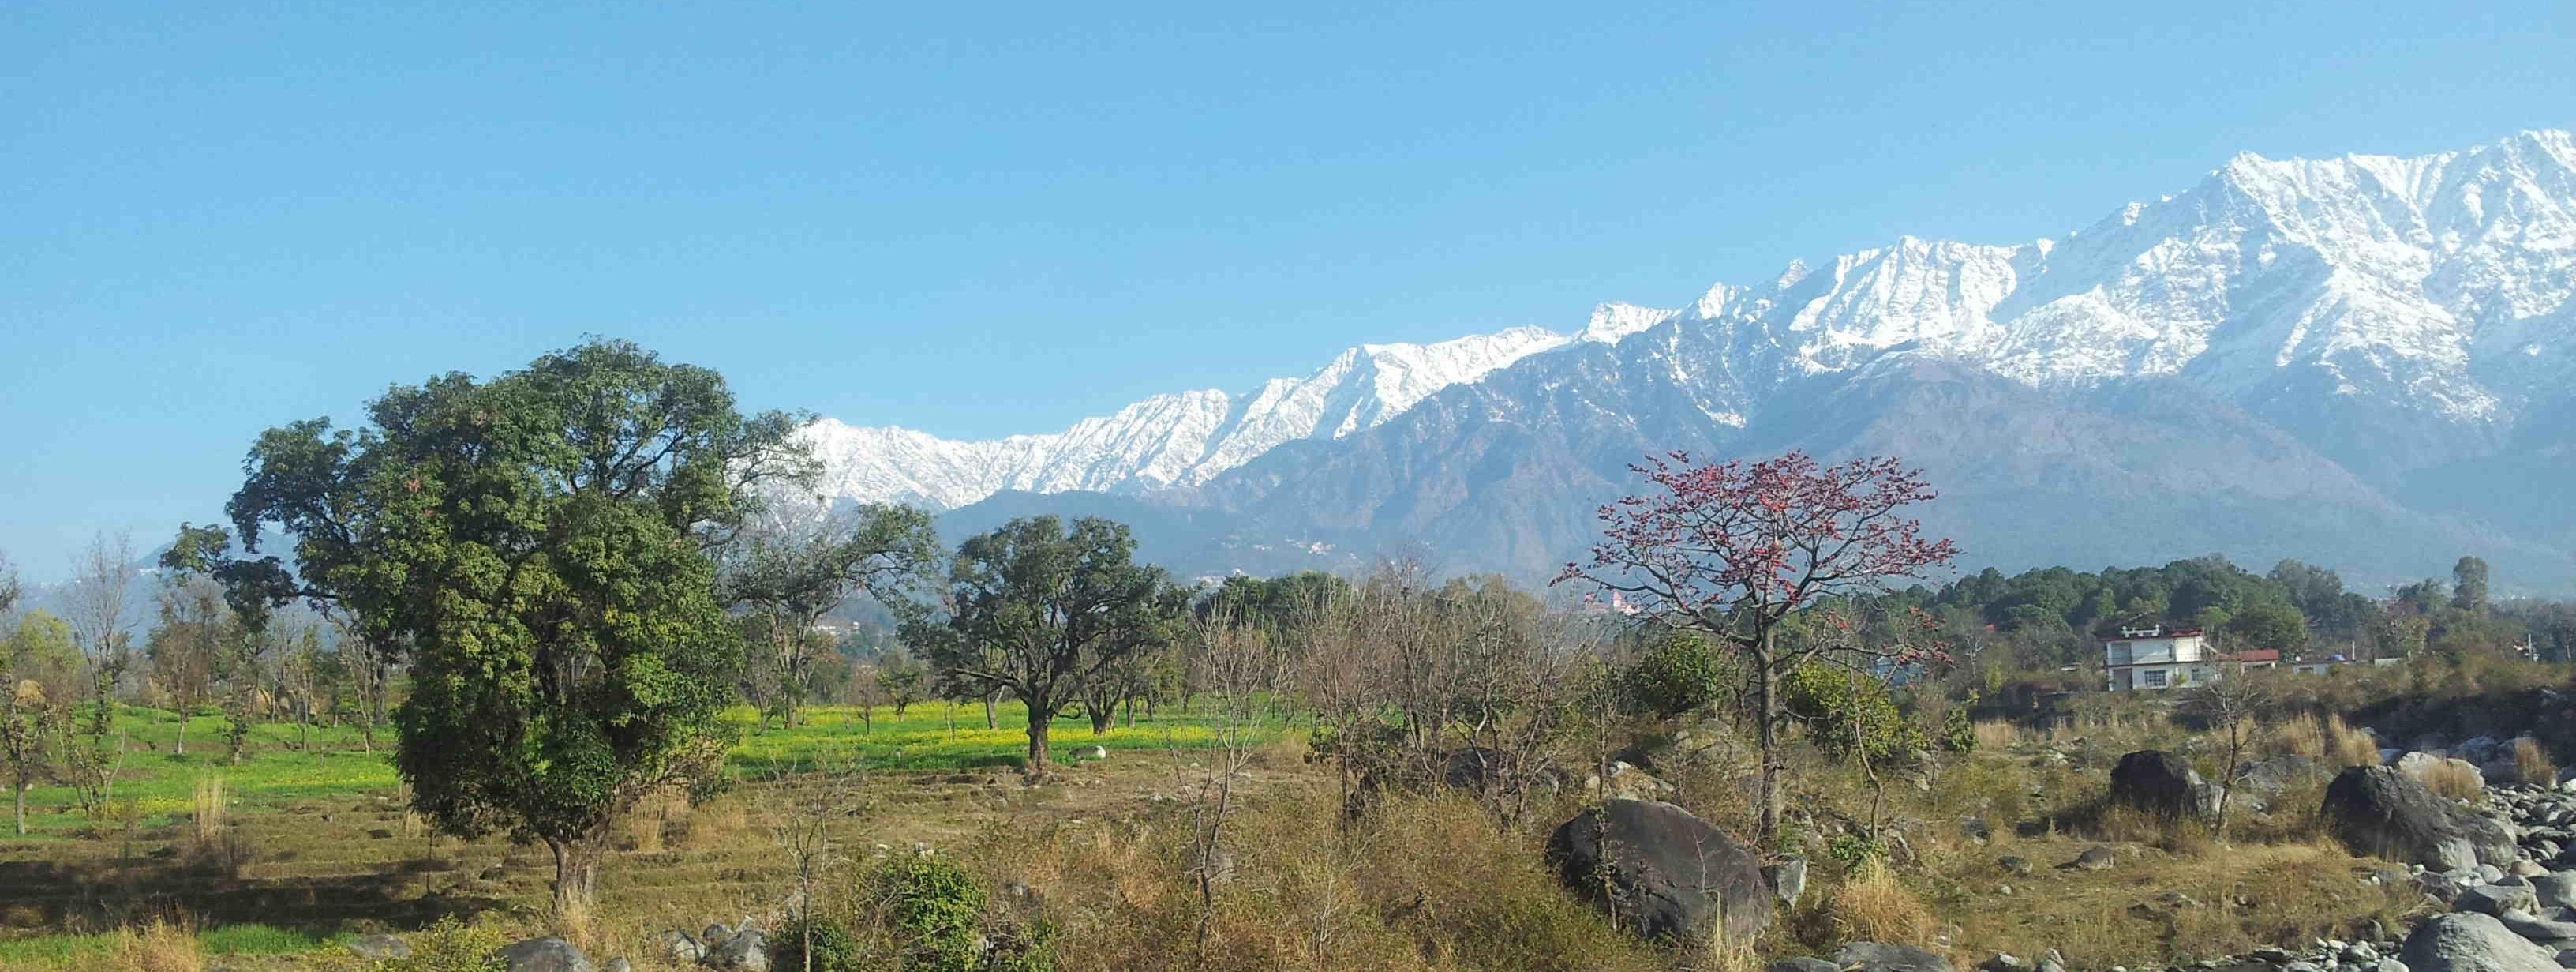 Viagem Experiências e Objetivo em Dharamsala e Tso Pema